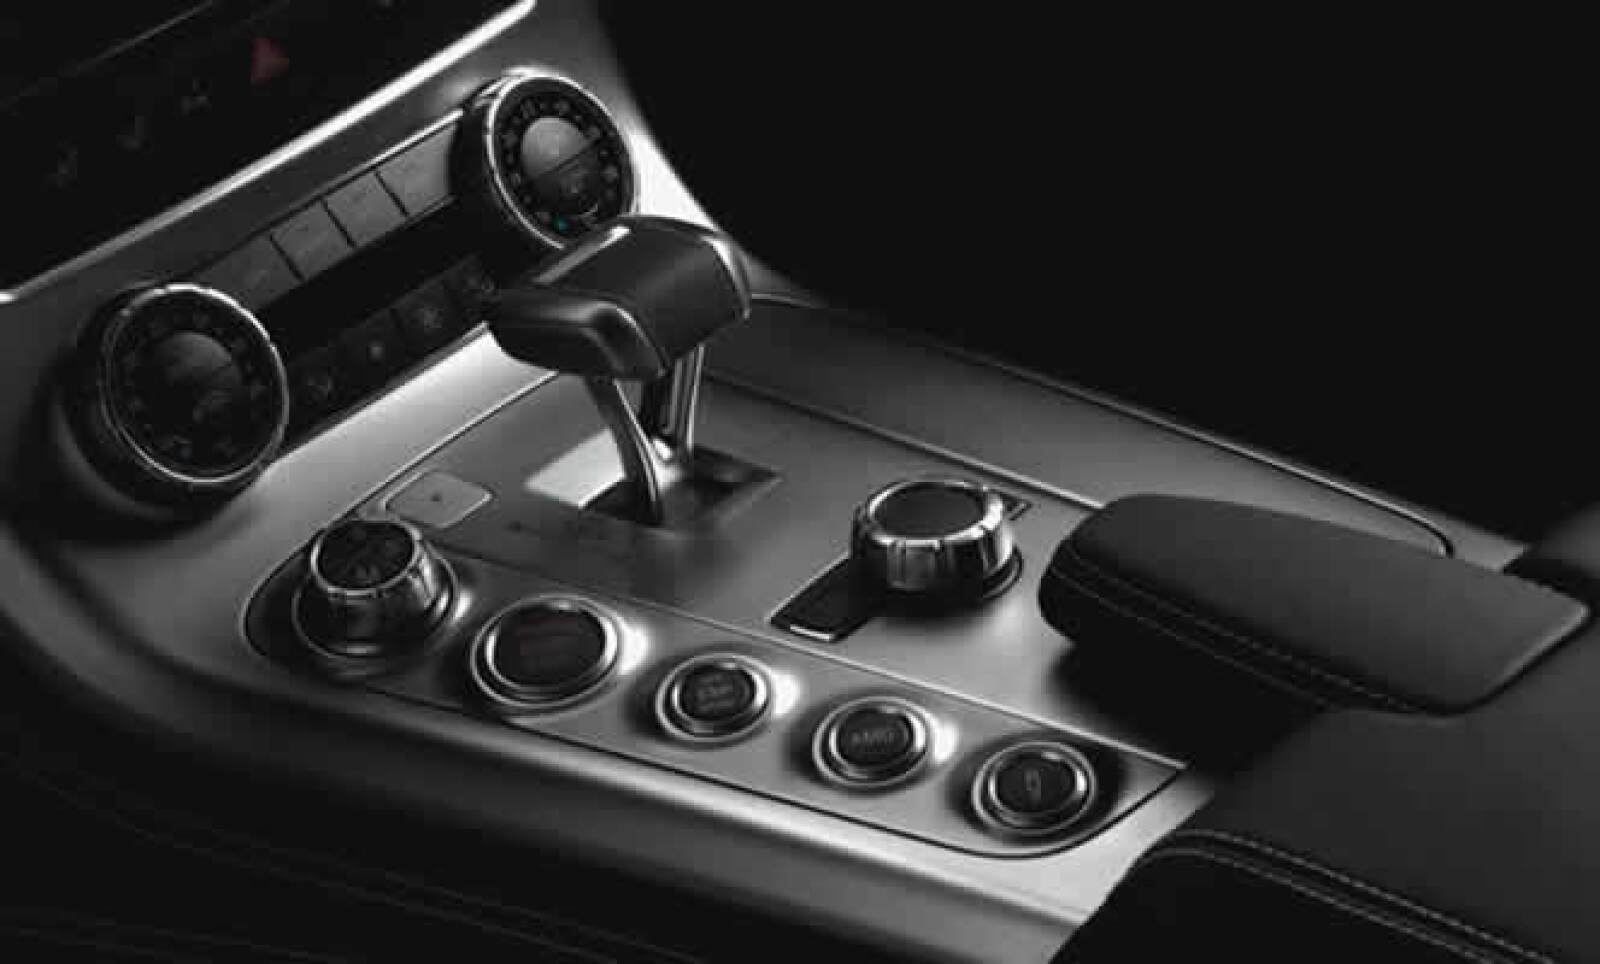 En concordancia con un avión, el centro de la alargada consola metálica es de color mate y la palanca selectora de la caja de cambios se asemeja a la del control de empuje de una aeronave.